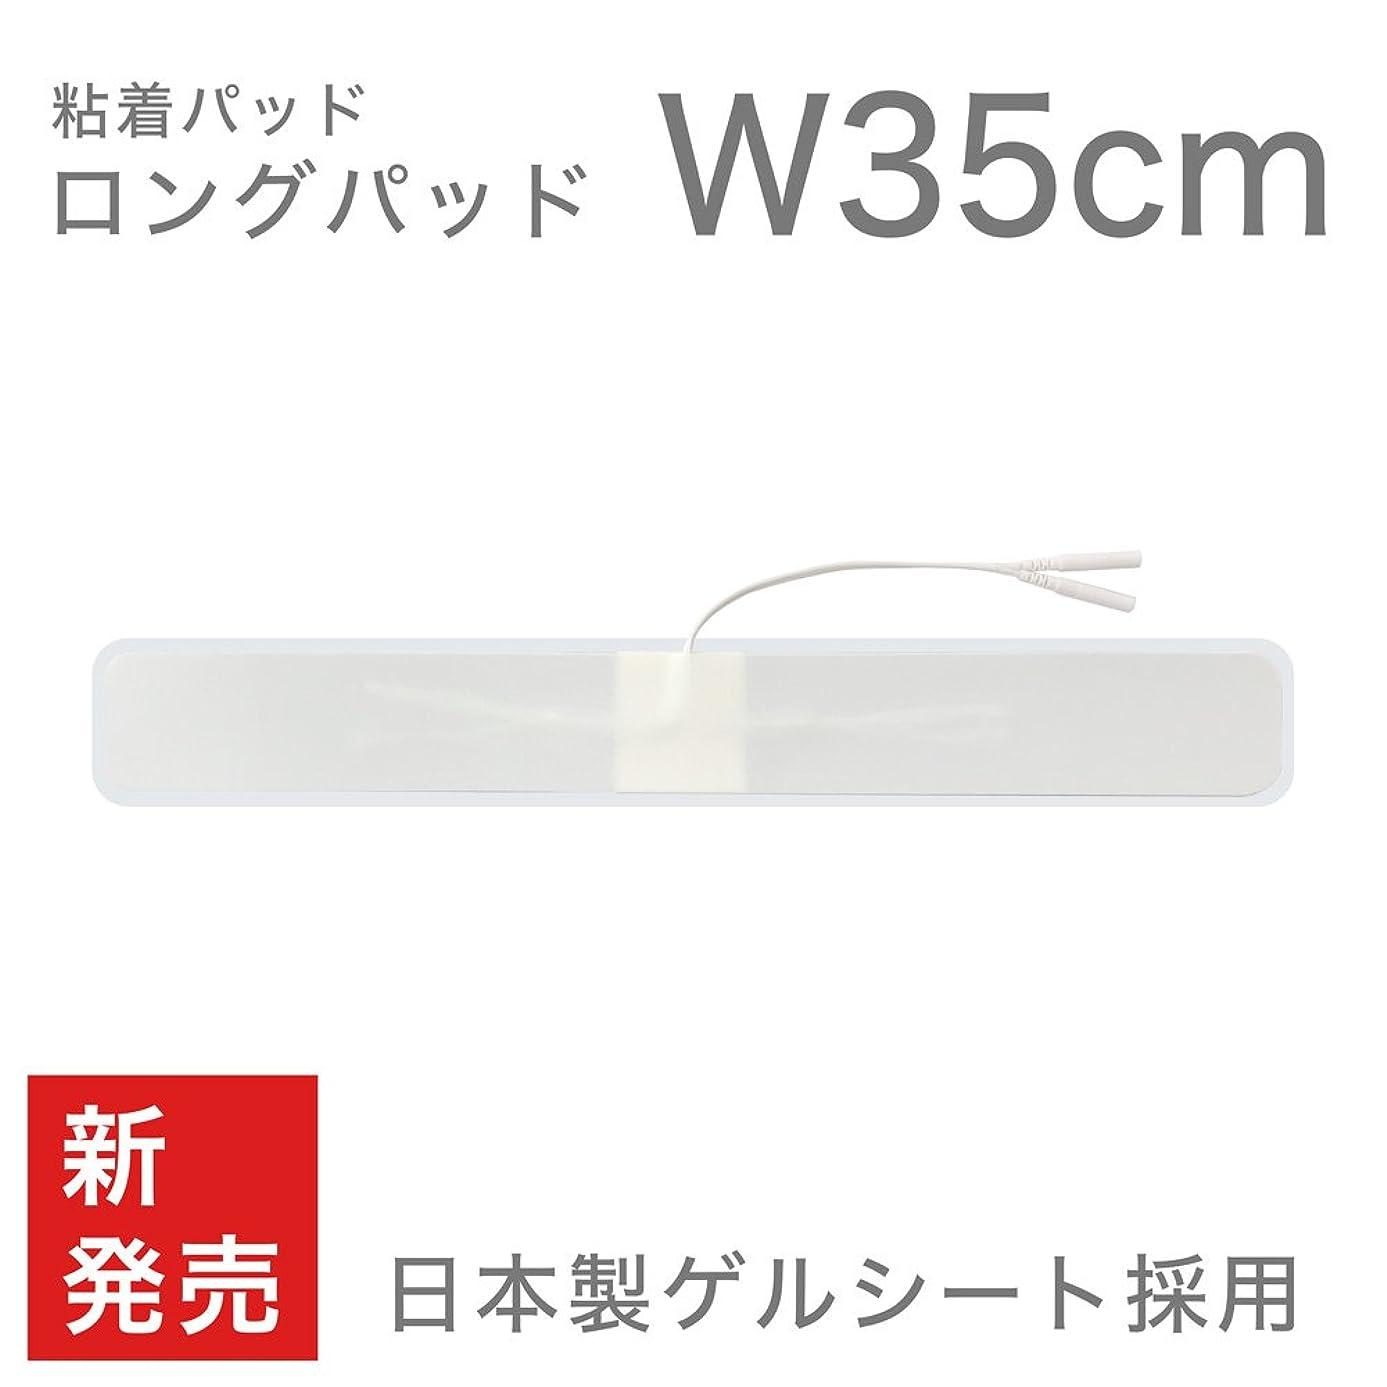 前売かわいらしい記述するTOP TOUCH 粘着パッド ロングパッド 4x35cm【日本製高品質ゲルシート採用】